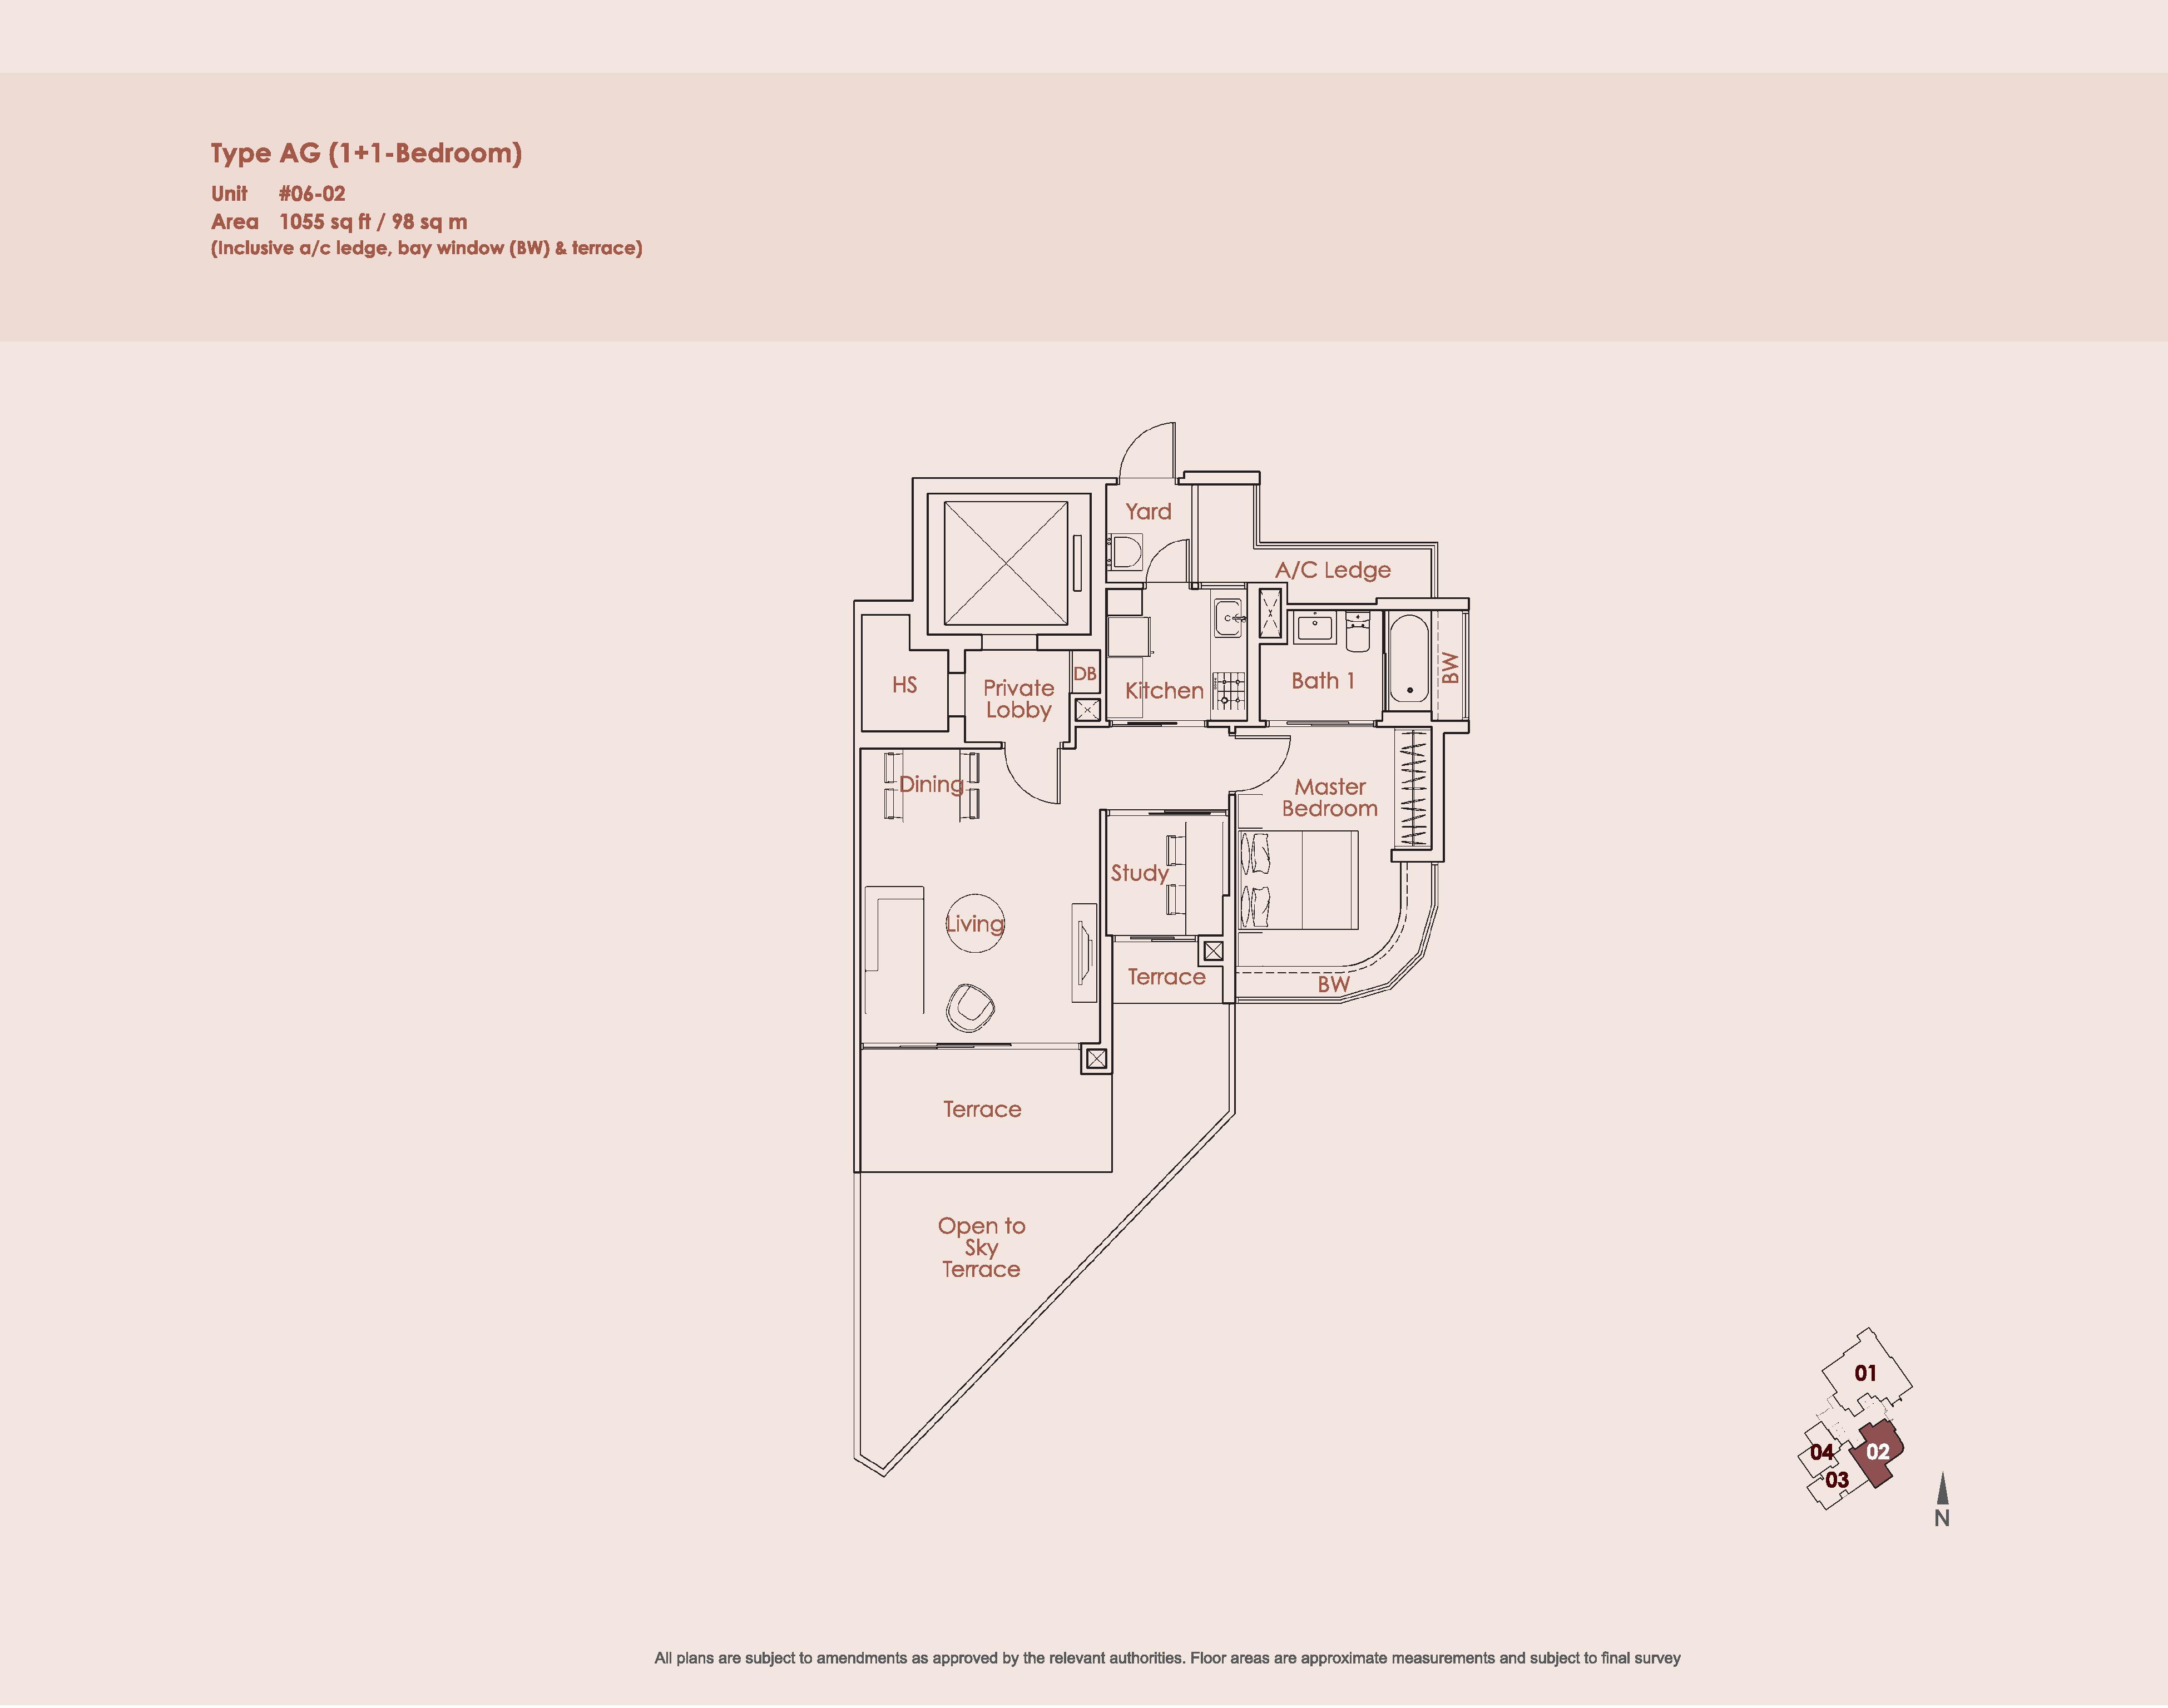 Starlight Suites Type AG 1 Bedroom + Study Floor Plan